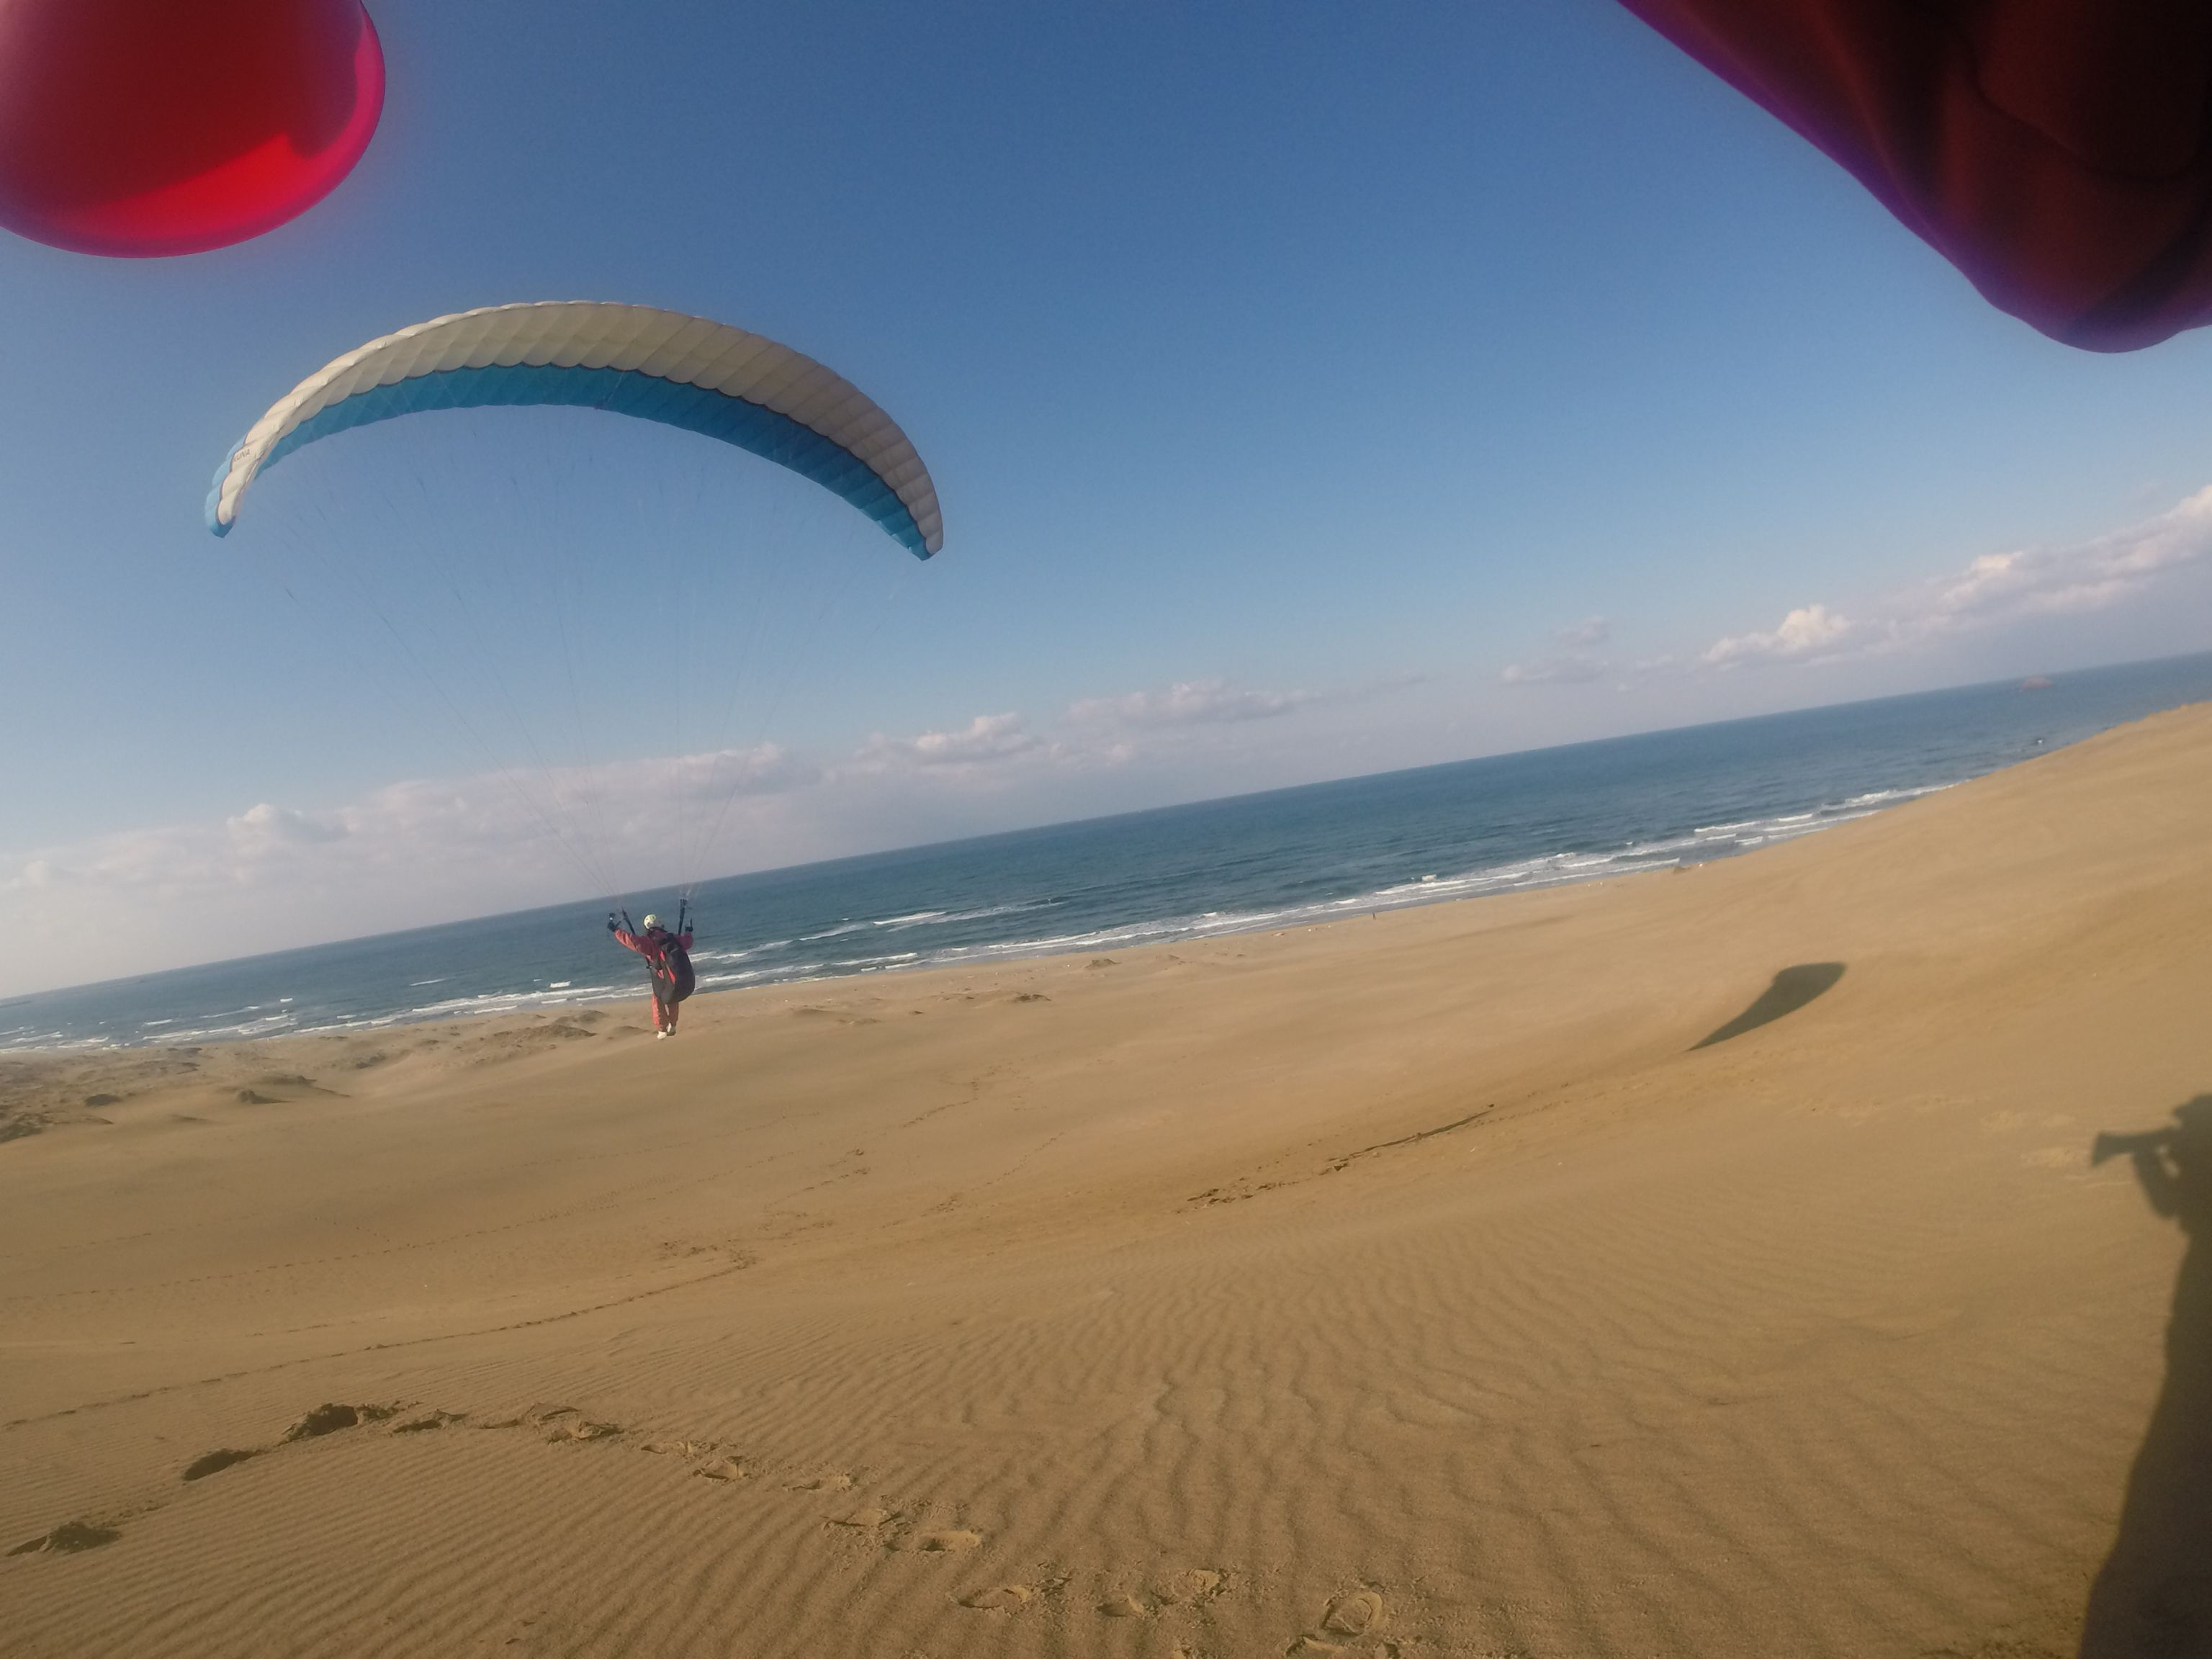 美しい海と空を眺めながら、悠々空の旅を楽しむ